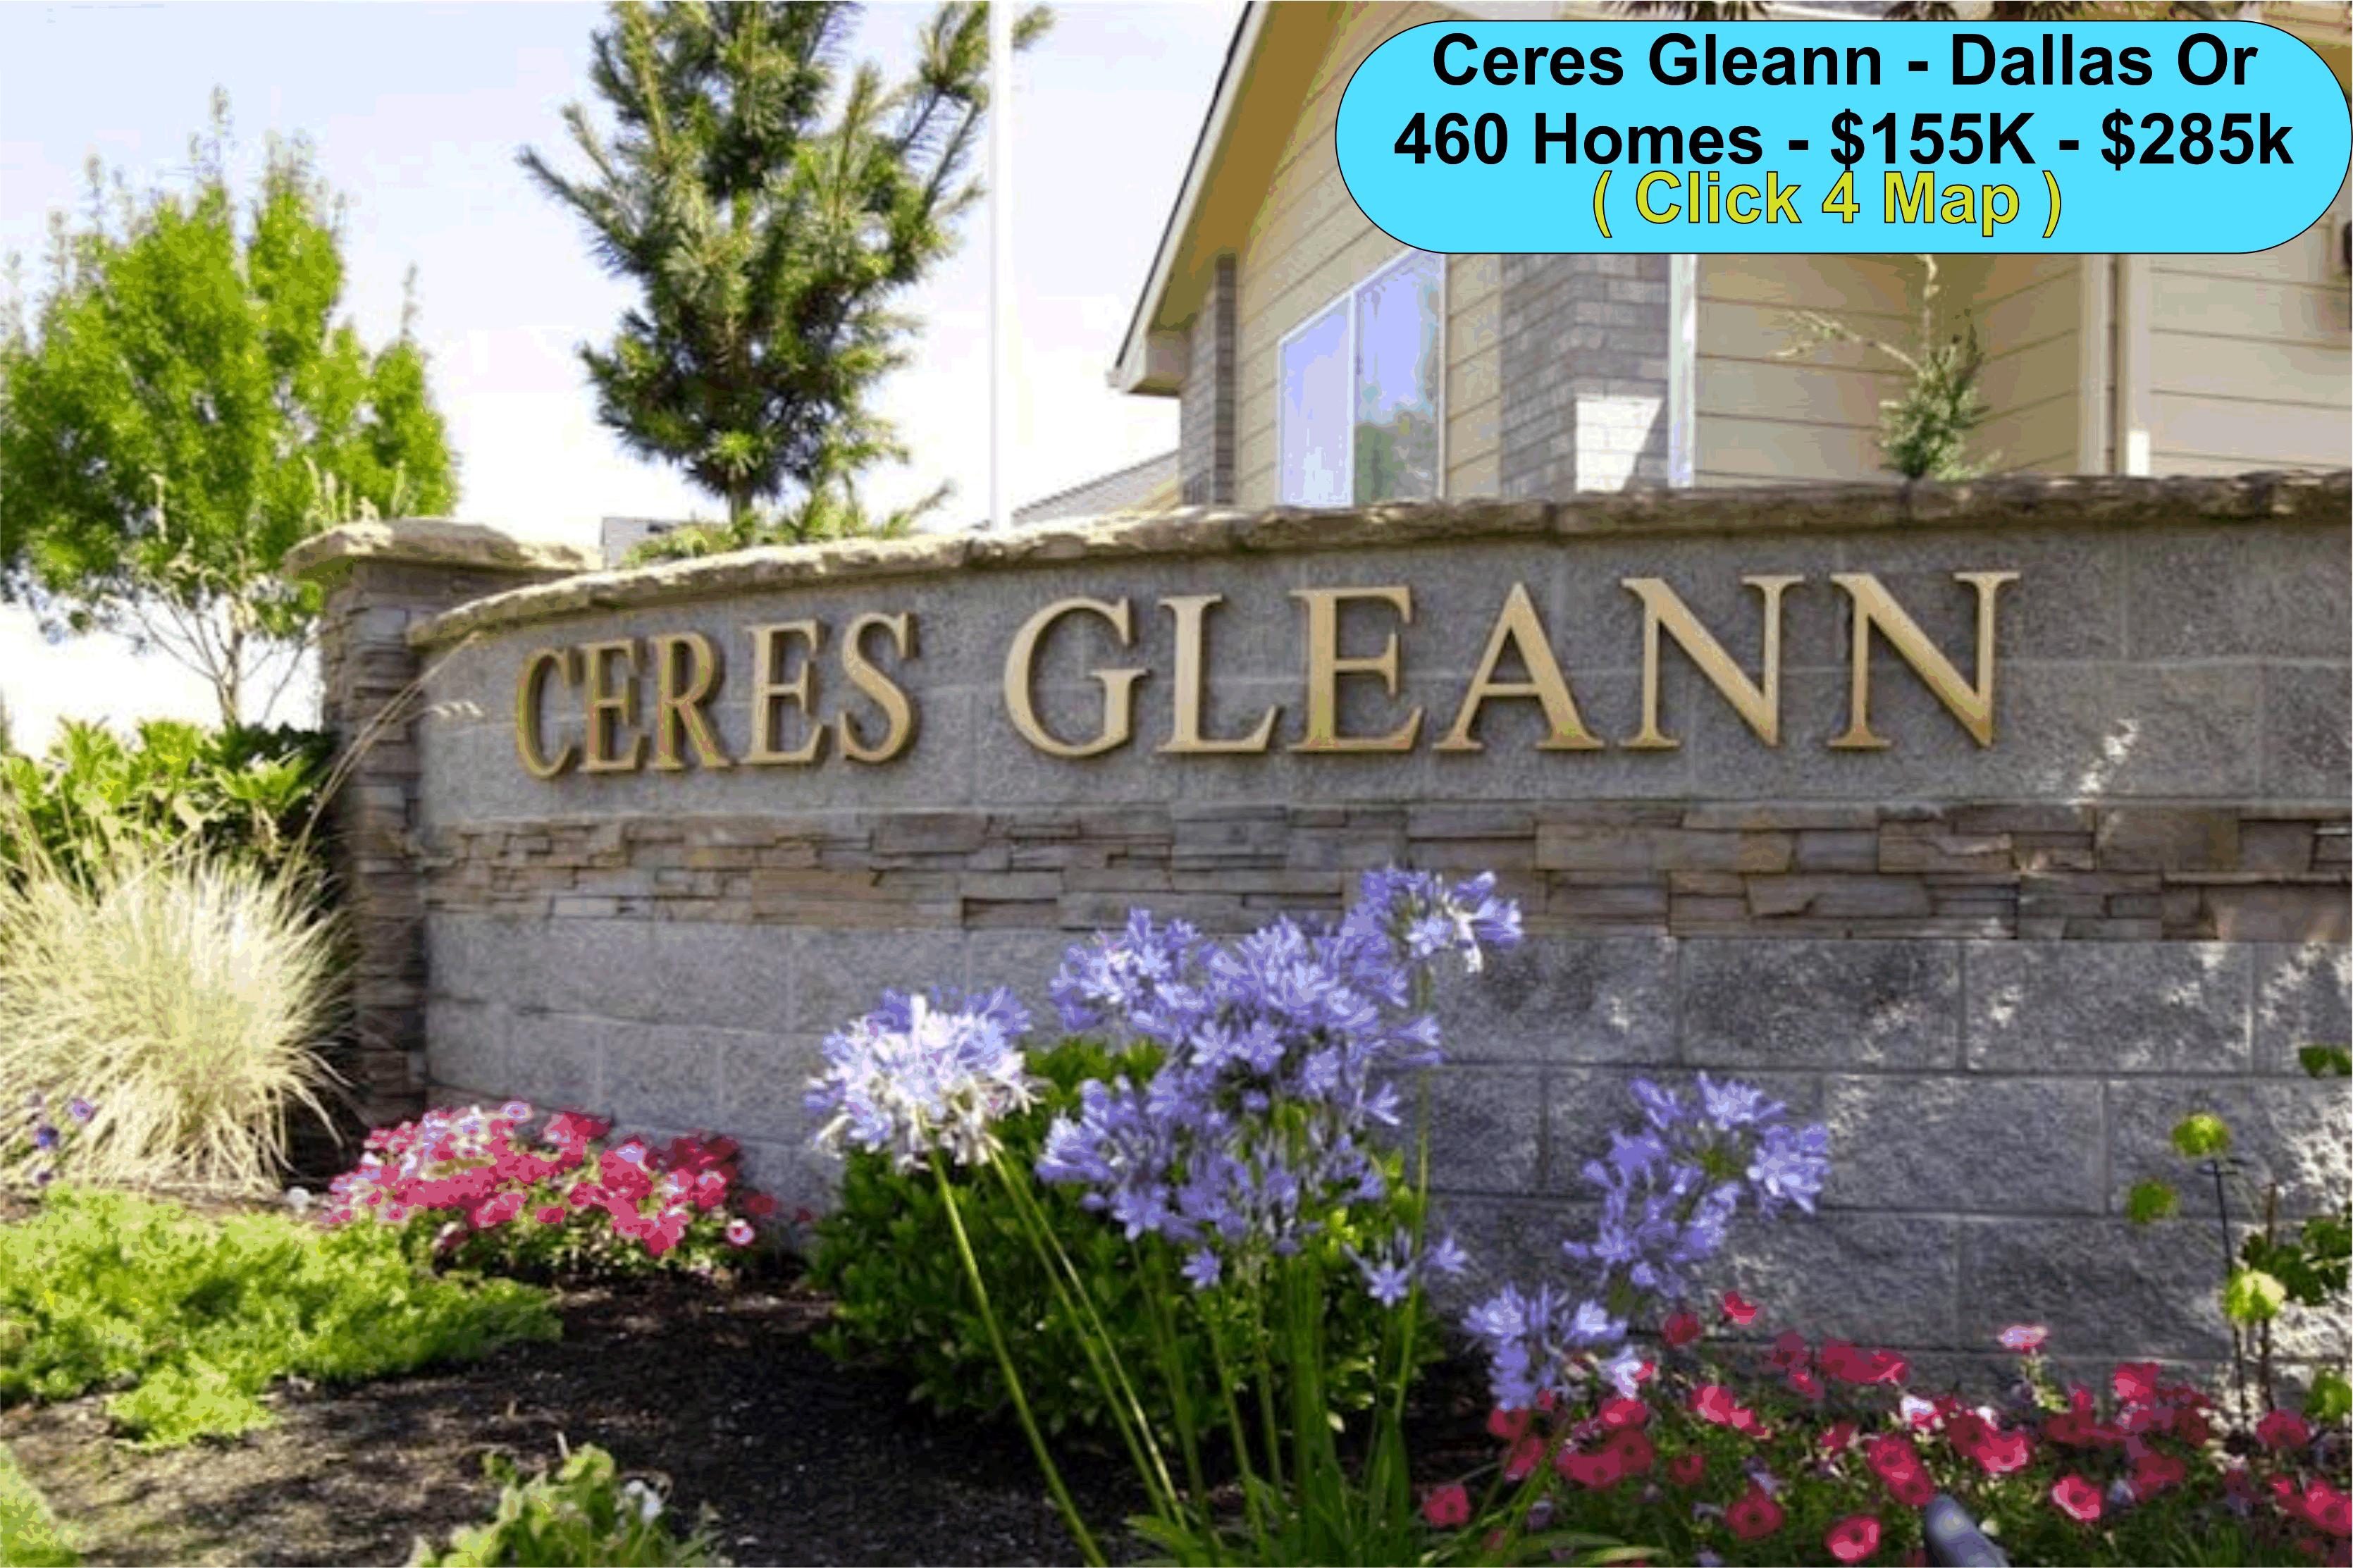 +55 Ceres Gleann